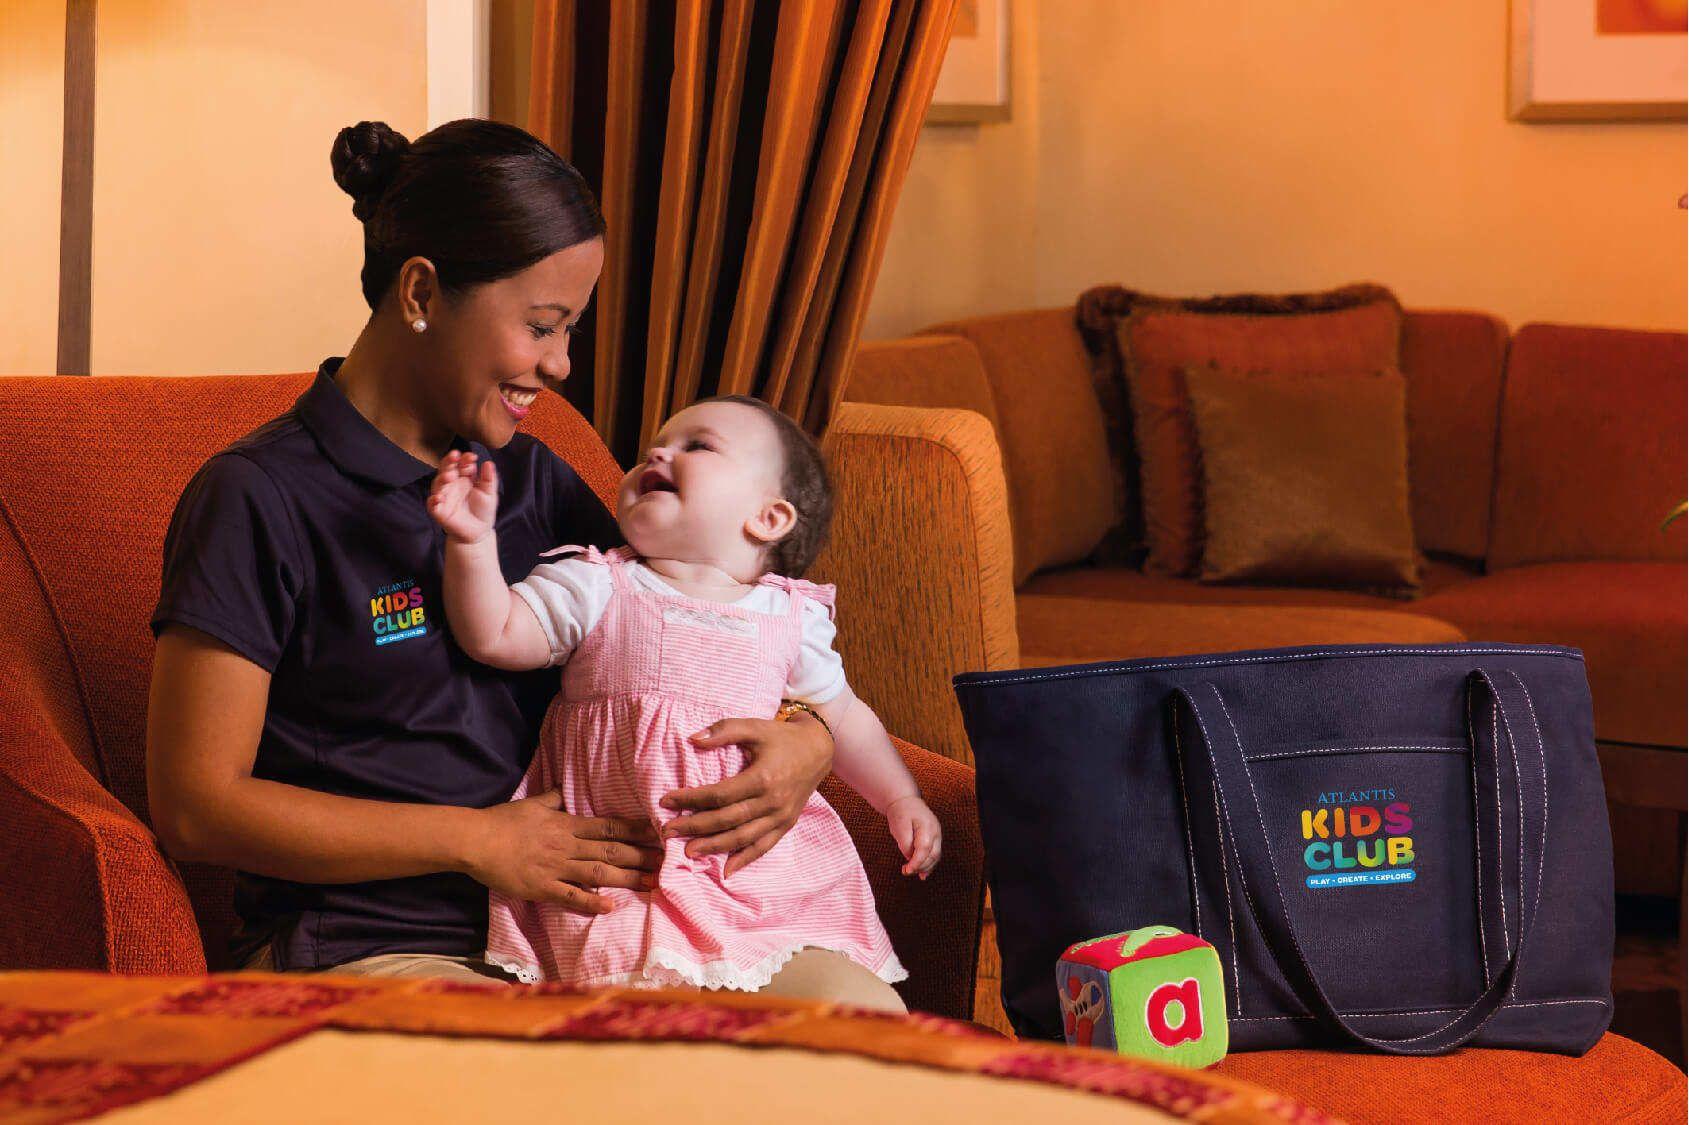 Kehidupan Orangtua Melibatkan Pengasuh Bayi